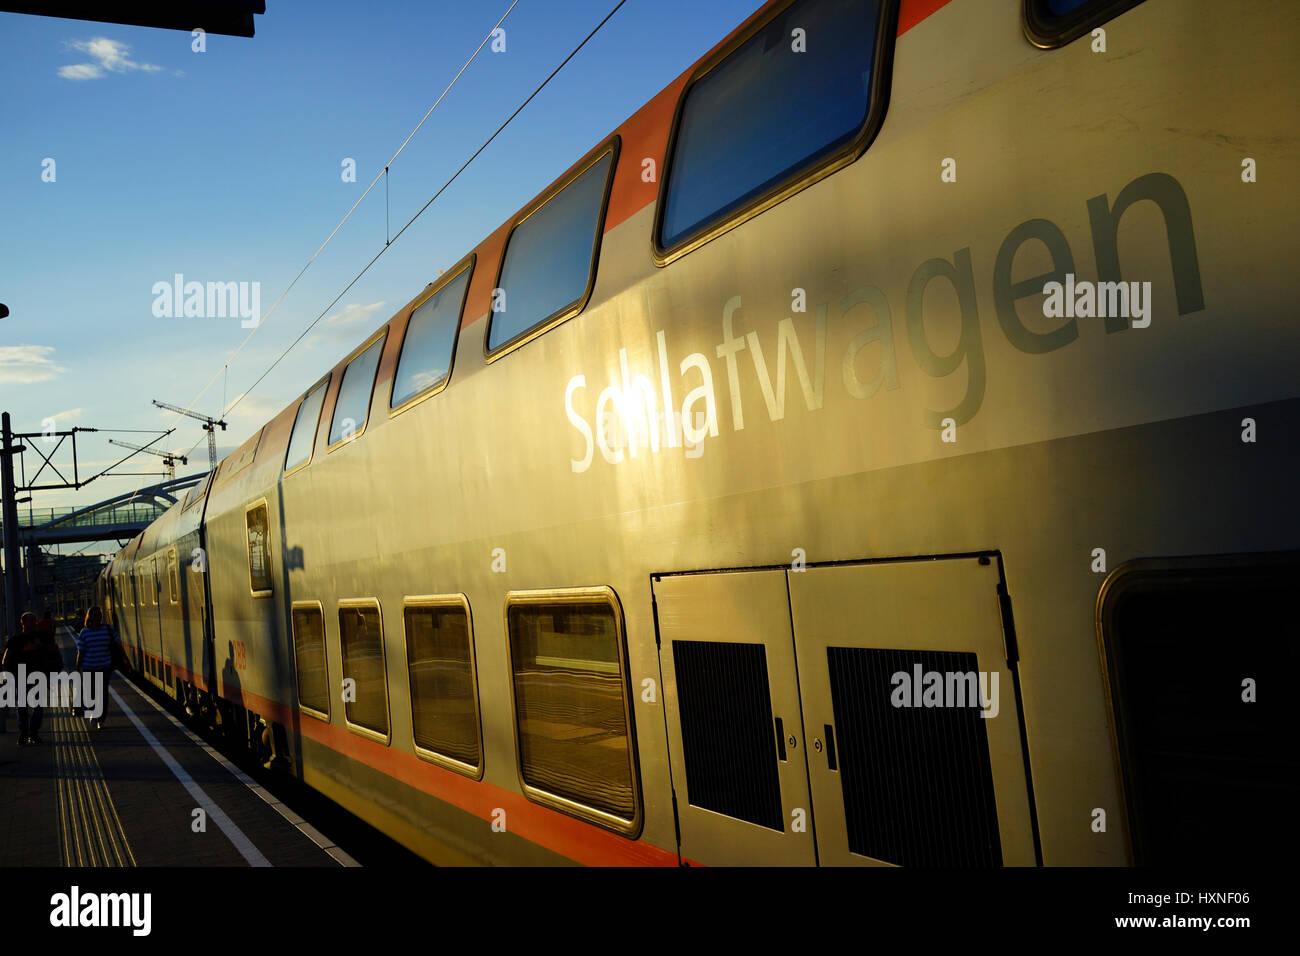 Autoreisezug, Terminal, Wien, Österreich, Schlafwagen - Stock Image